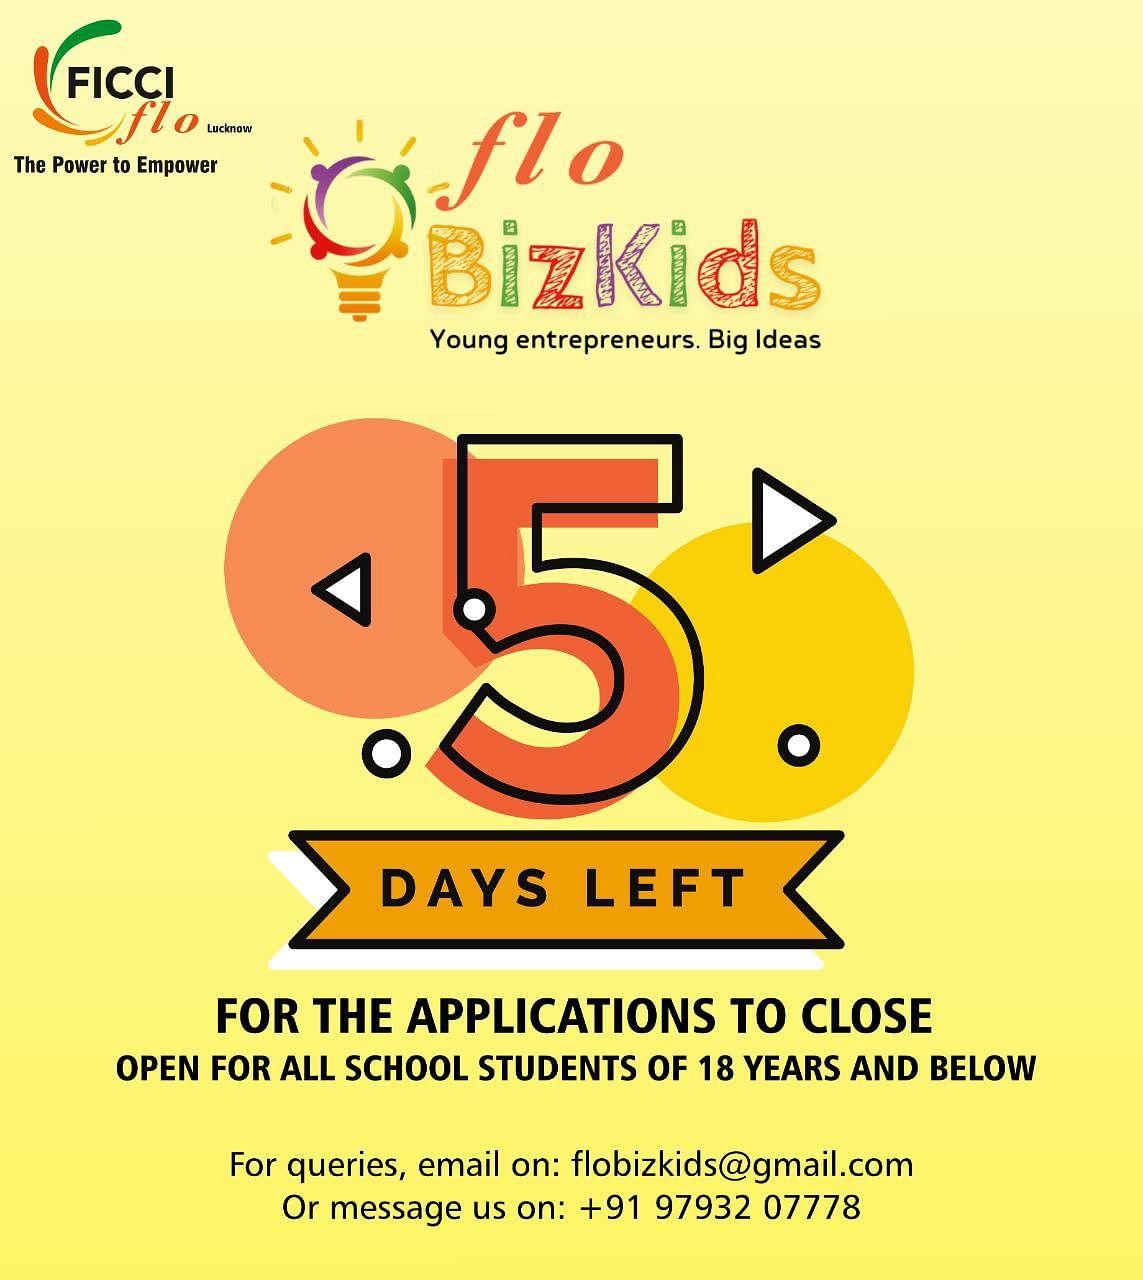 फिक्की फ्लो ने प्रतिभाशाली छात्रों के लिए किया प्रतियोगिता का आयोजन